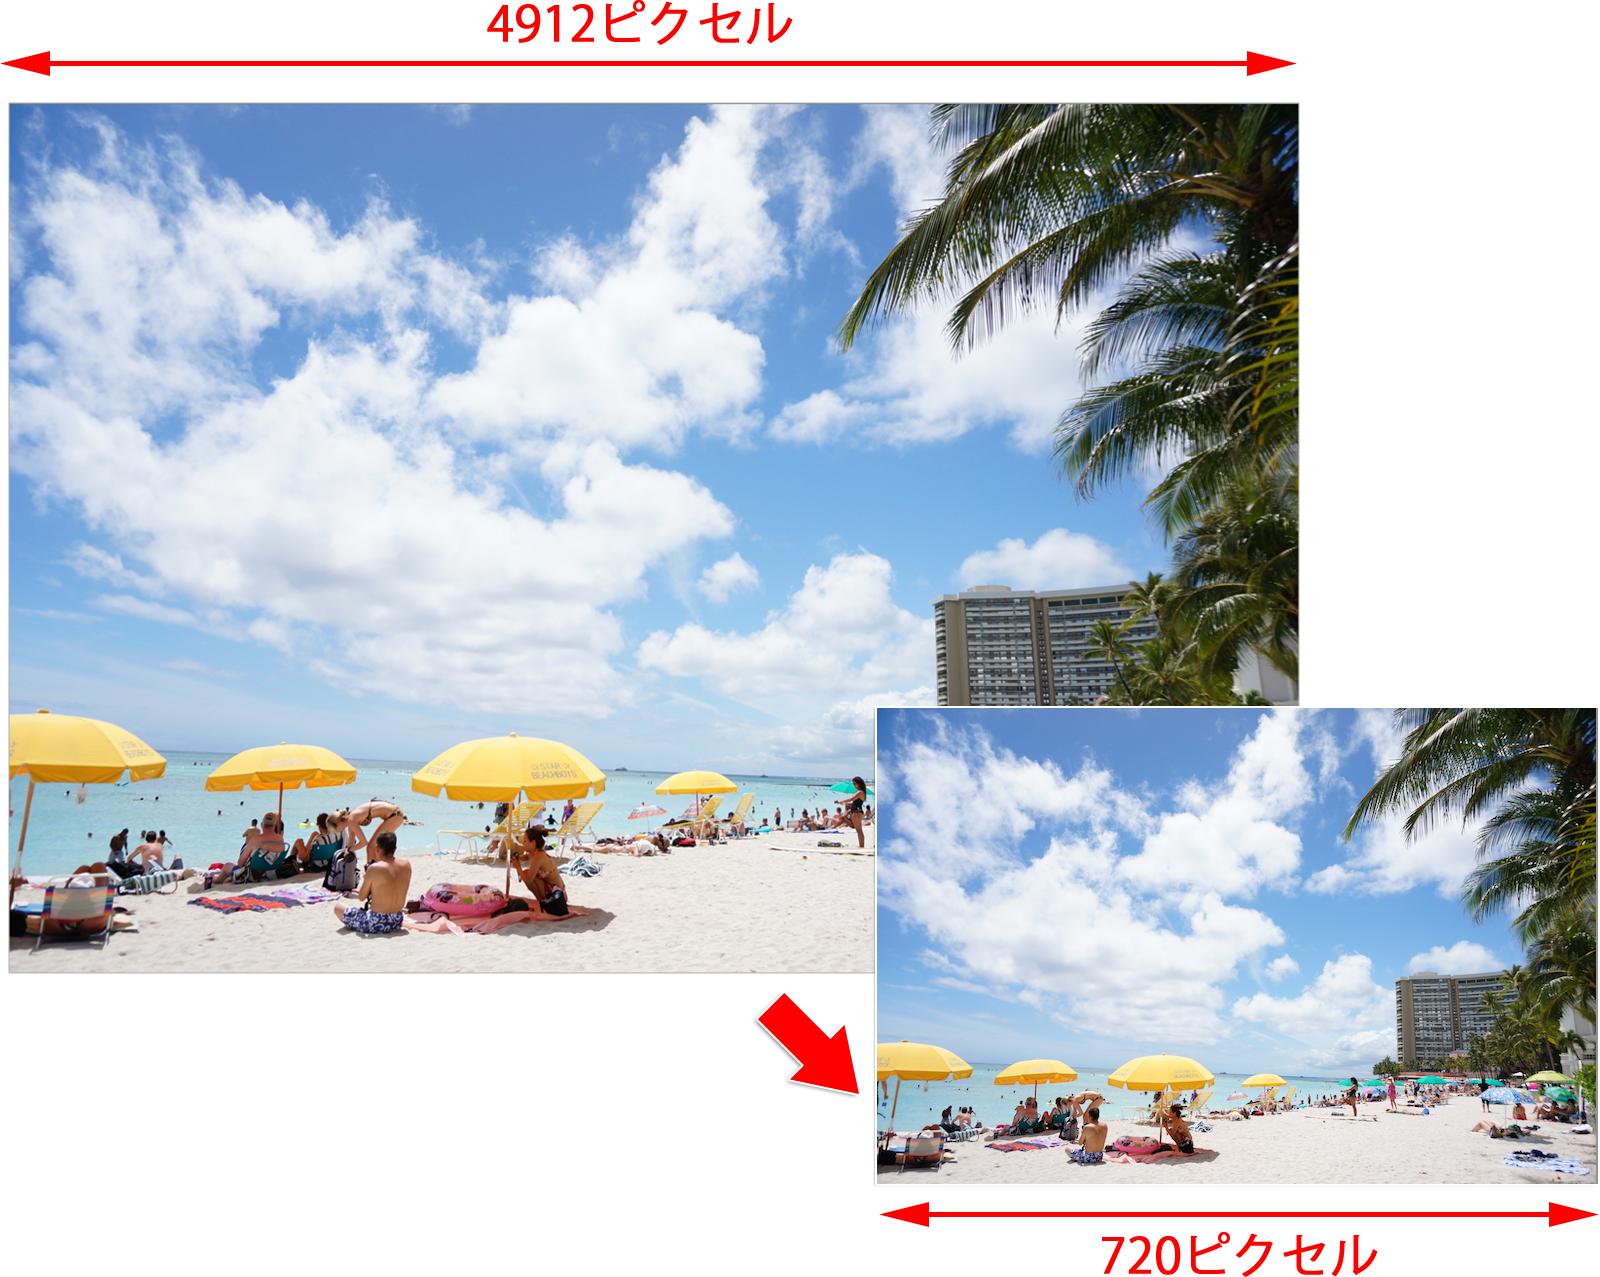 例えば4912ピクセルの写真を720ピクセルにリサイズするには?